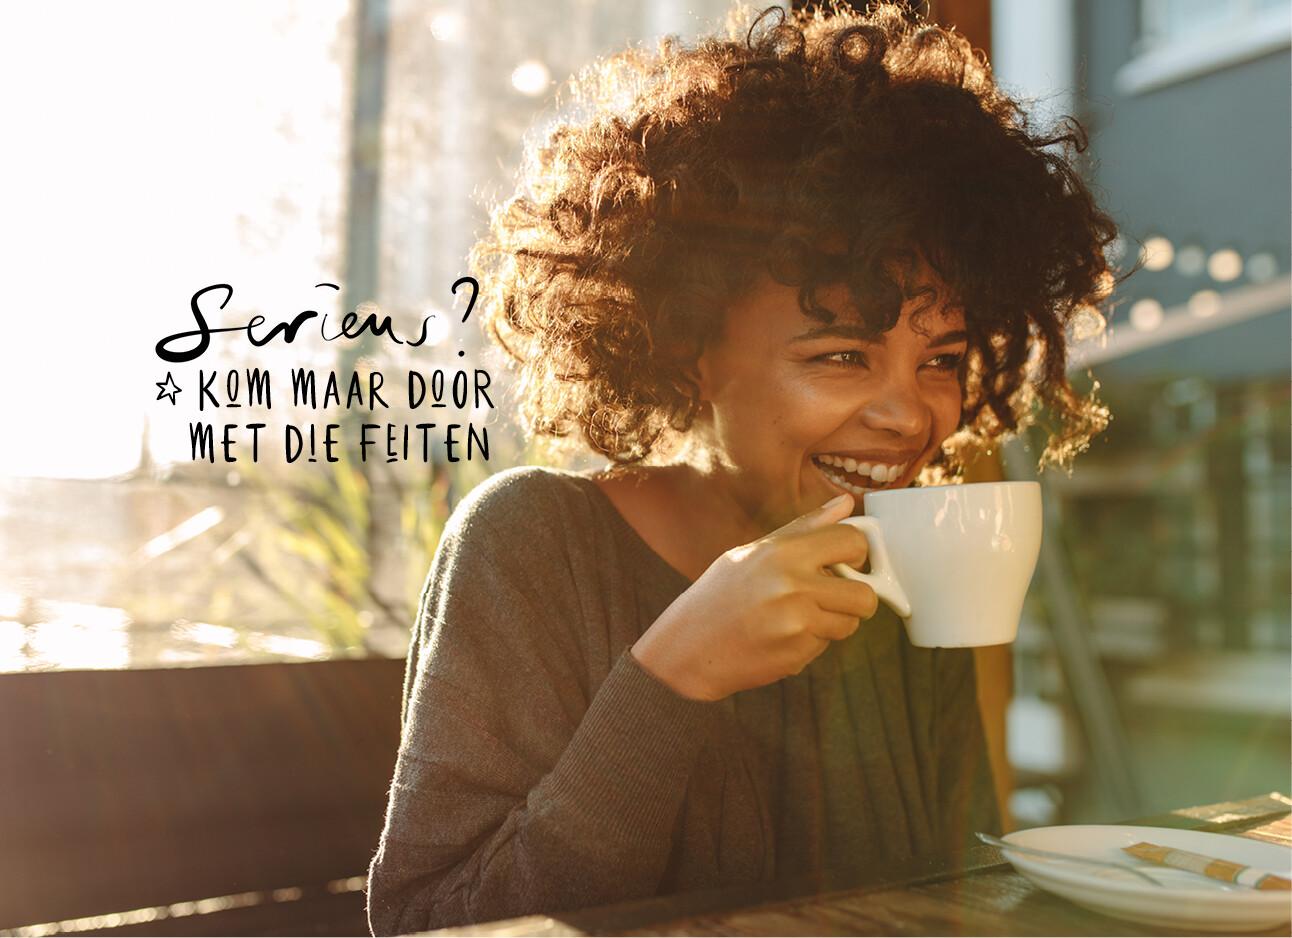 vrouw lachend koffie drinken buiten op een terras